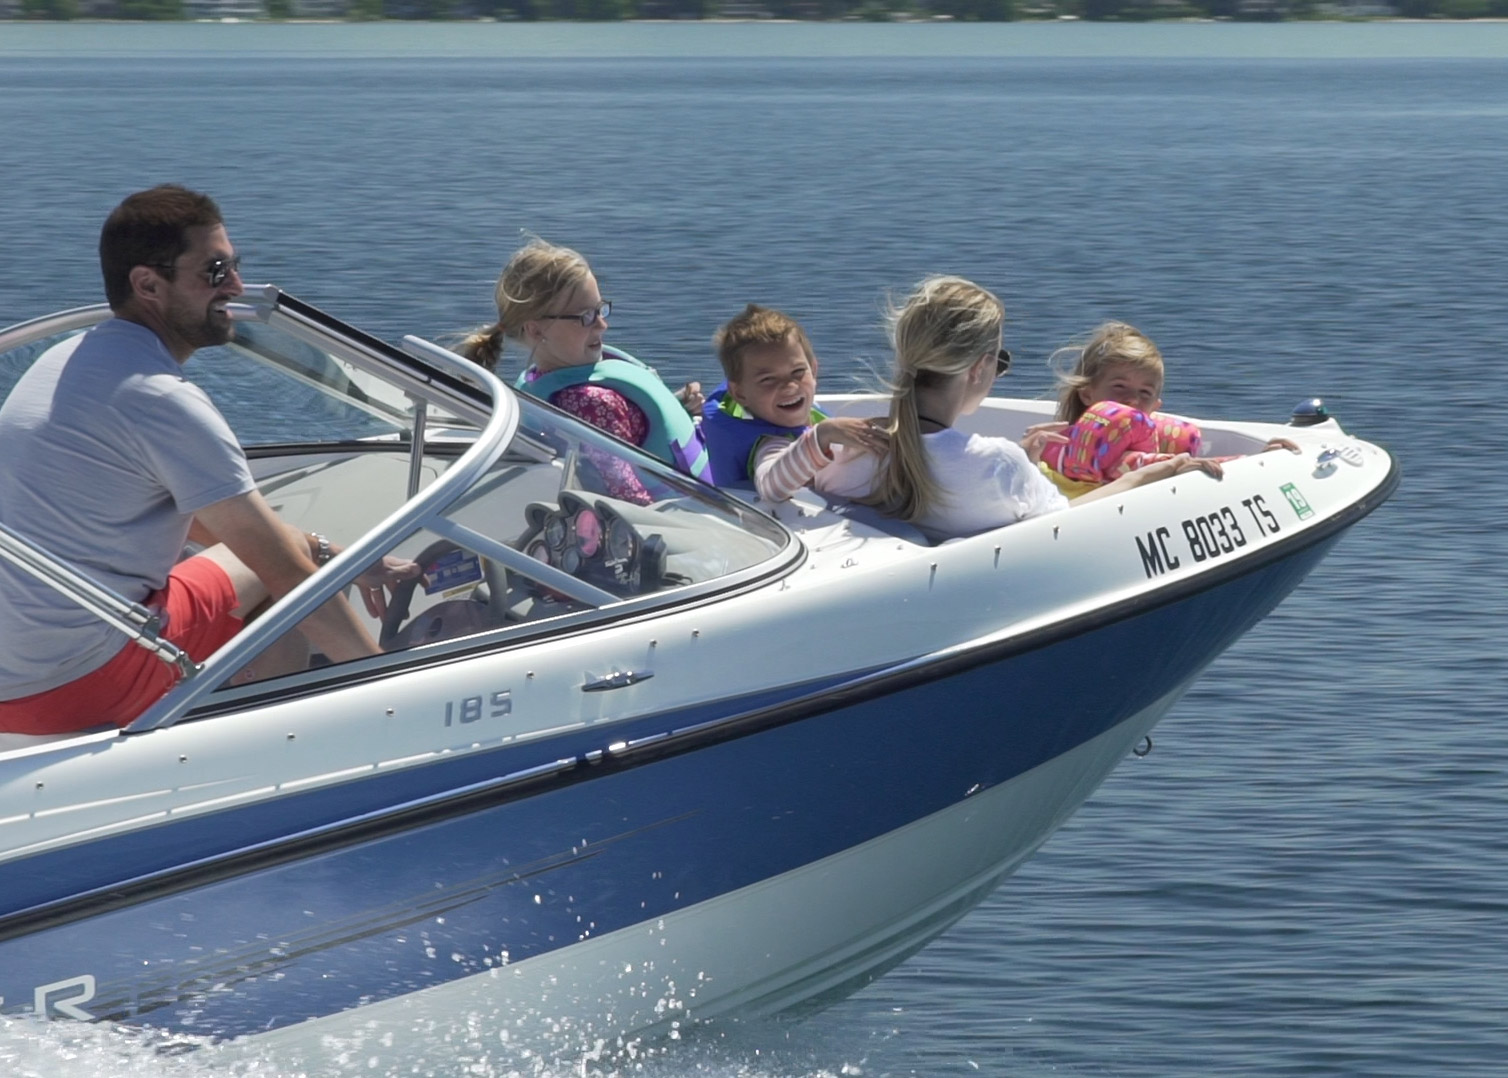 Family of five having fun in a ski boat